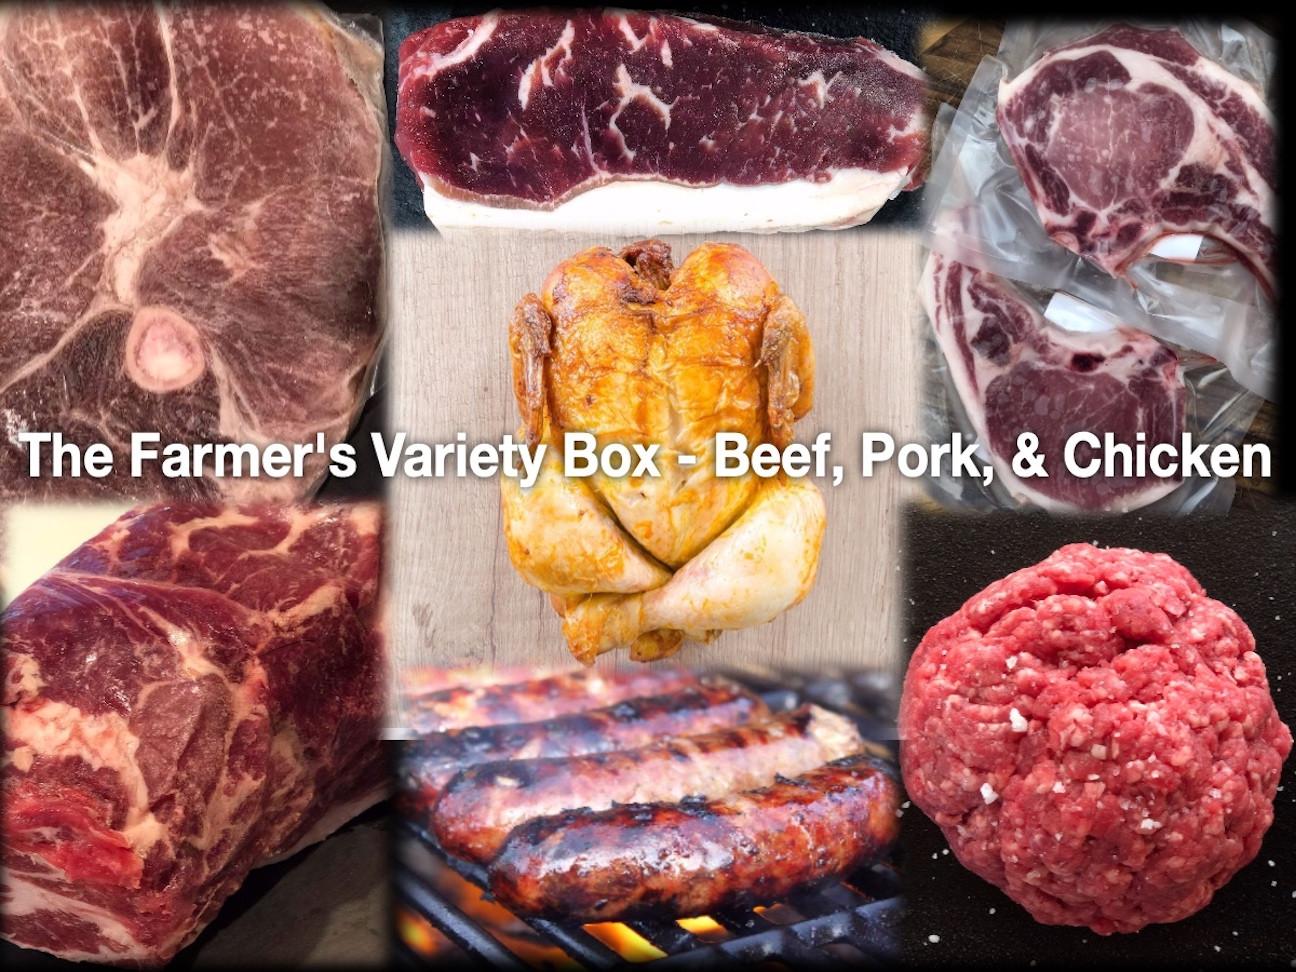 Farmer's Variety Box - Beef, Pork & Chicken - Medium